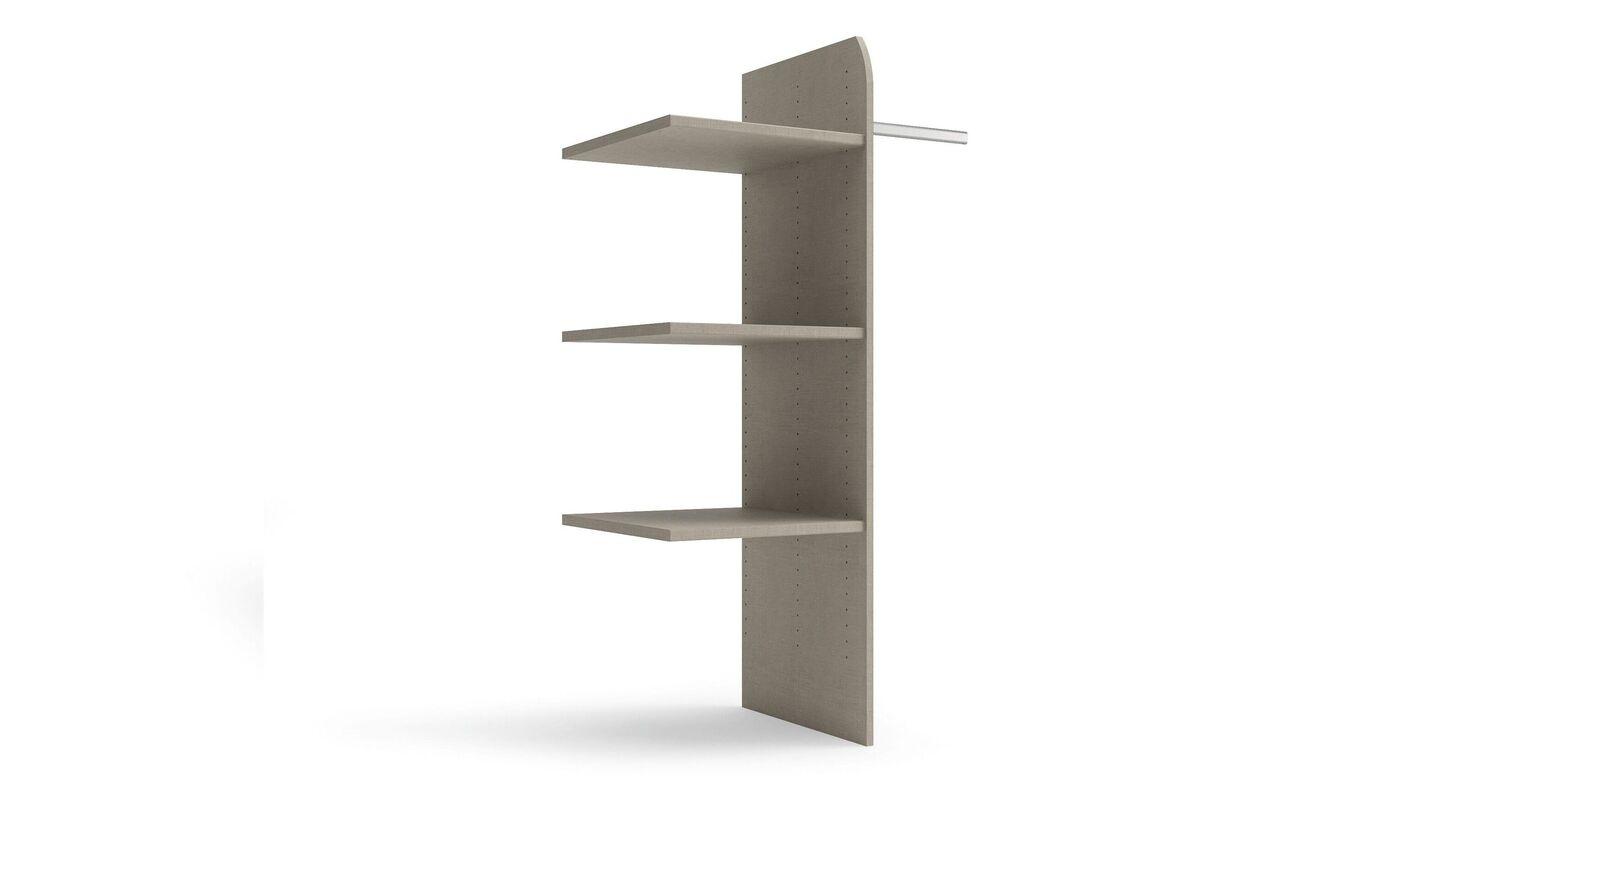 Schwebetüren-Schrank-Zubehör Eleisa - Einteilung mit Einlegeboden